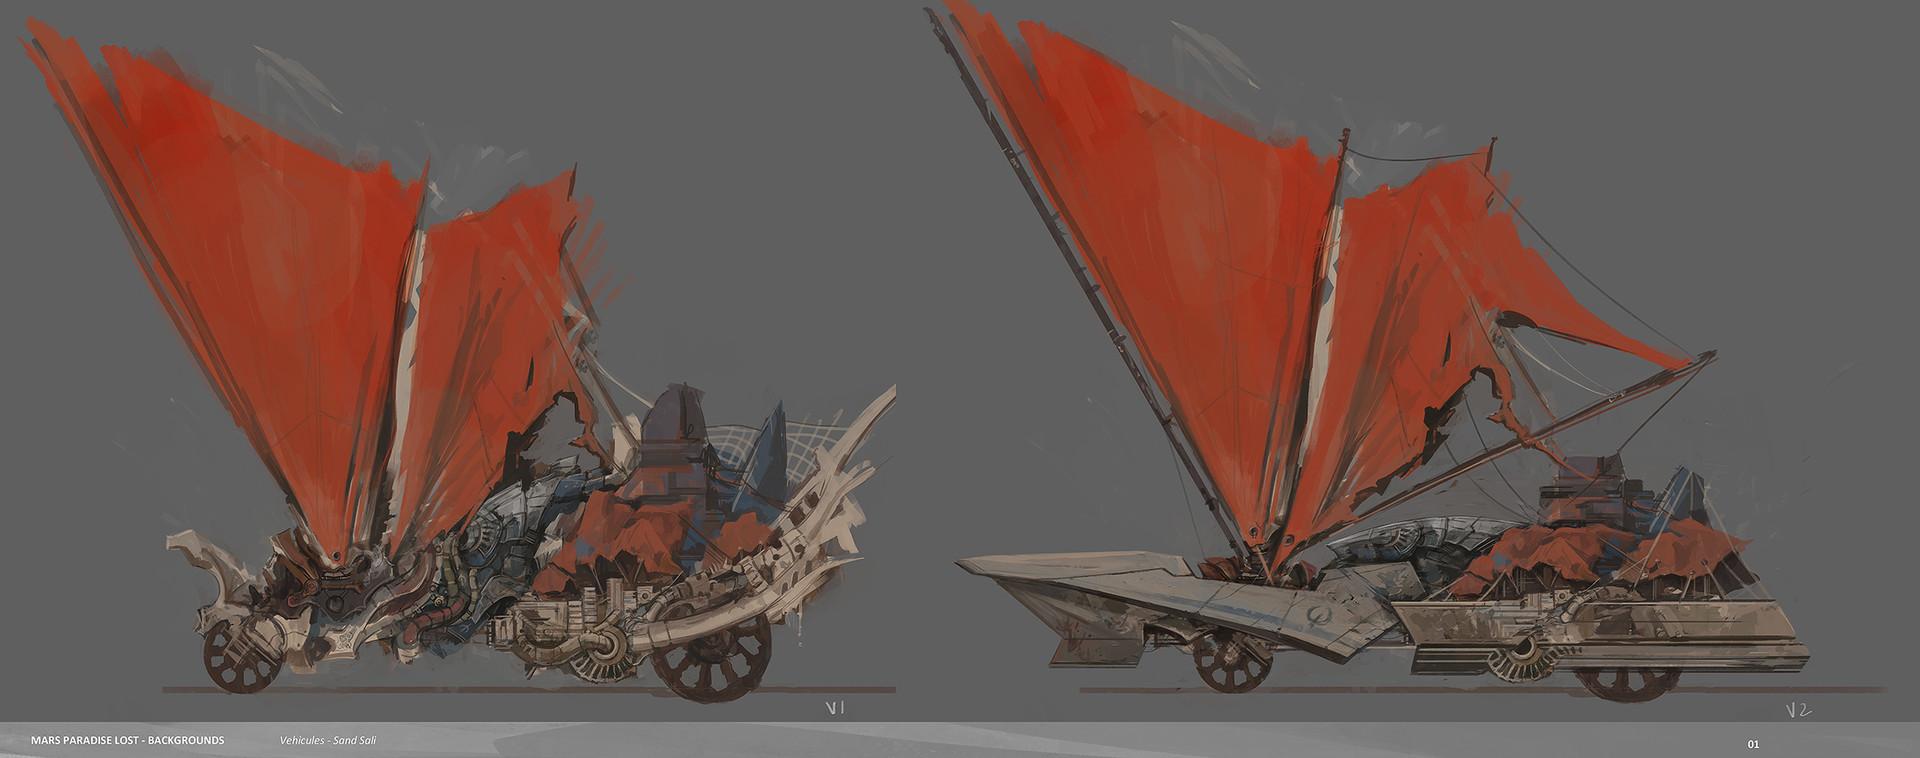 Alexandre chaudret mpl backgrounds vehicules sandsails01